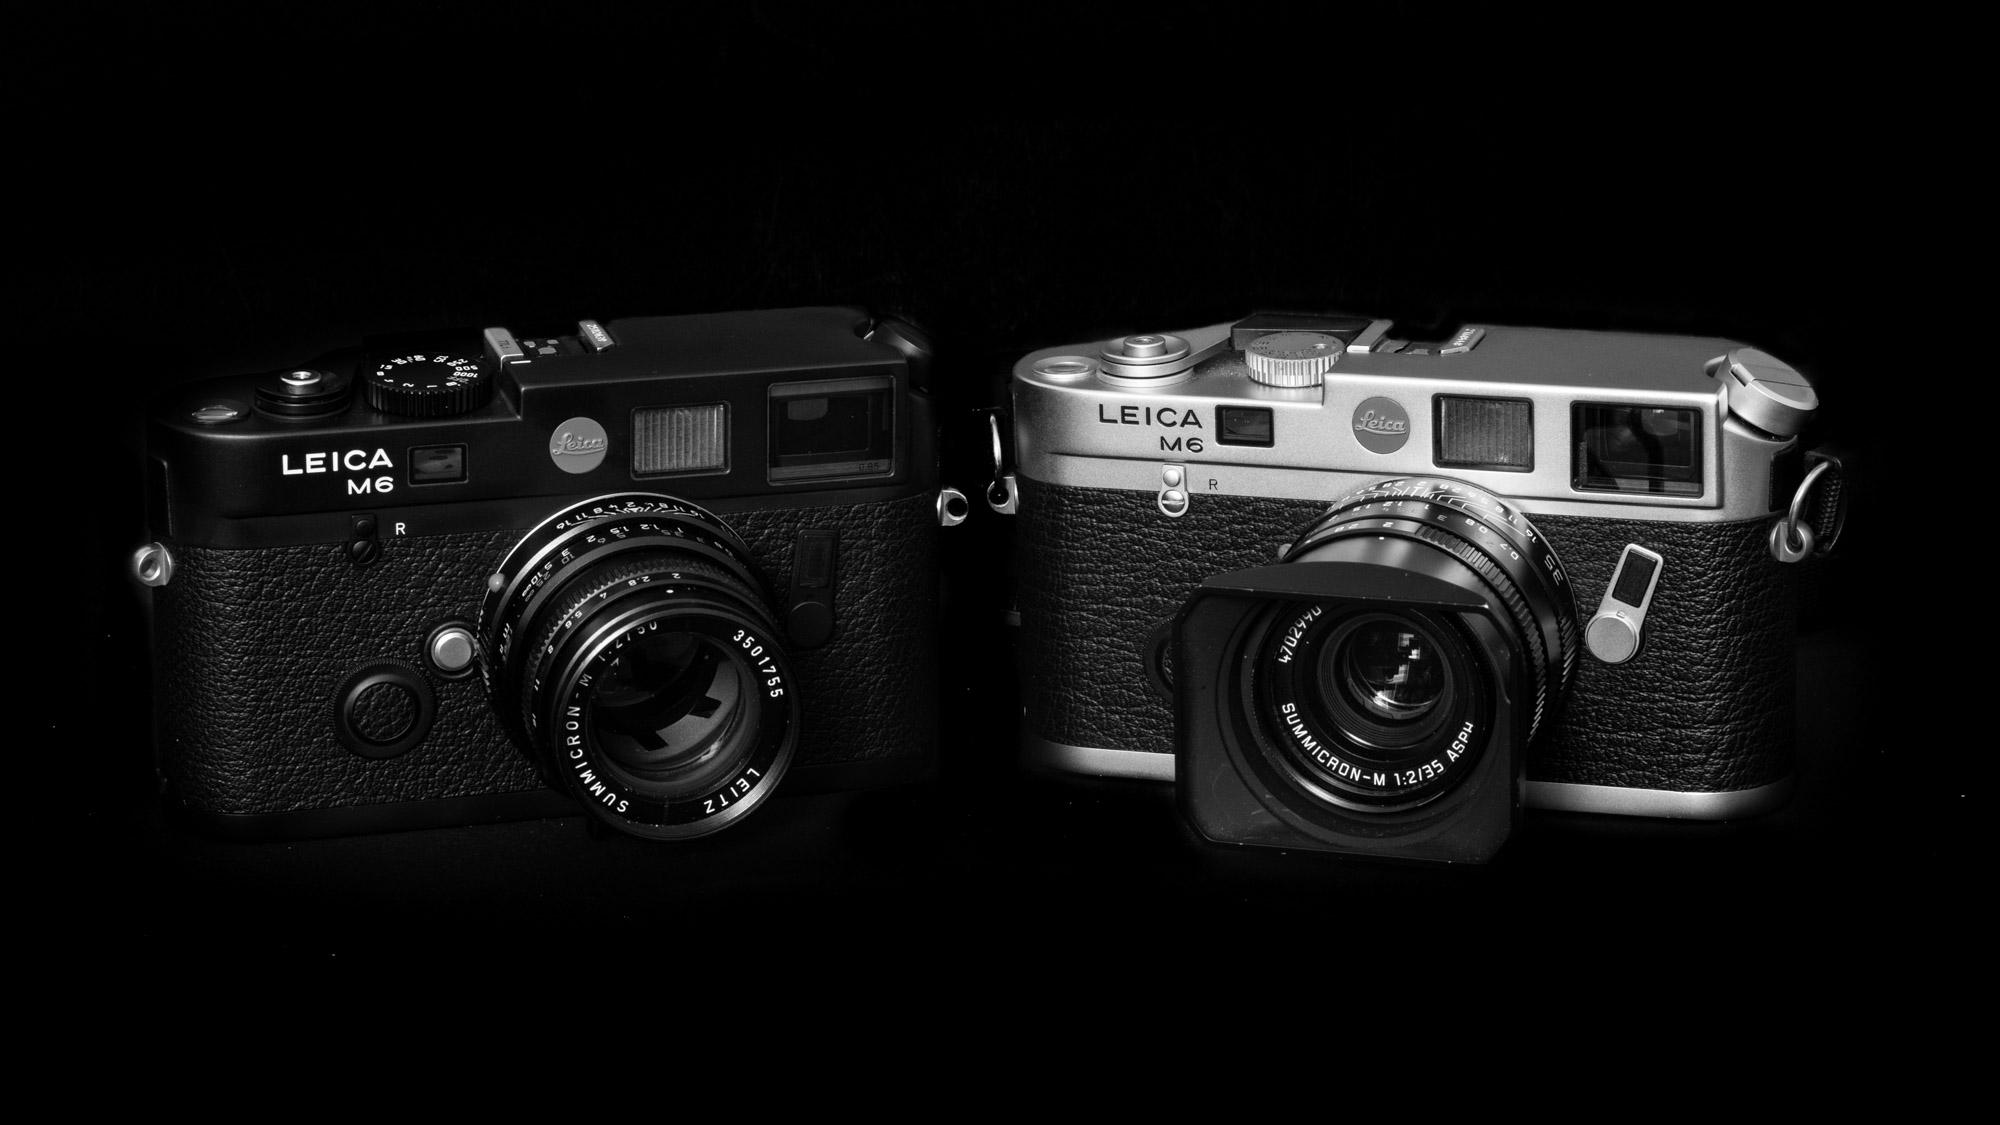 Leica M Entfernungsmesser Justieren : Bushnell fernglas mit laser entfernungsmesser fusion mile arc